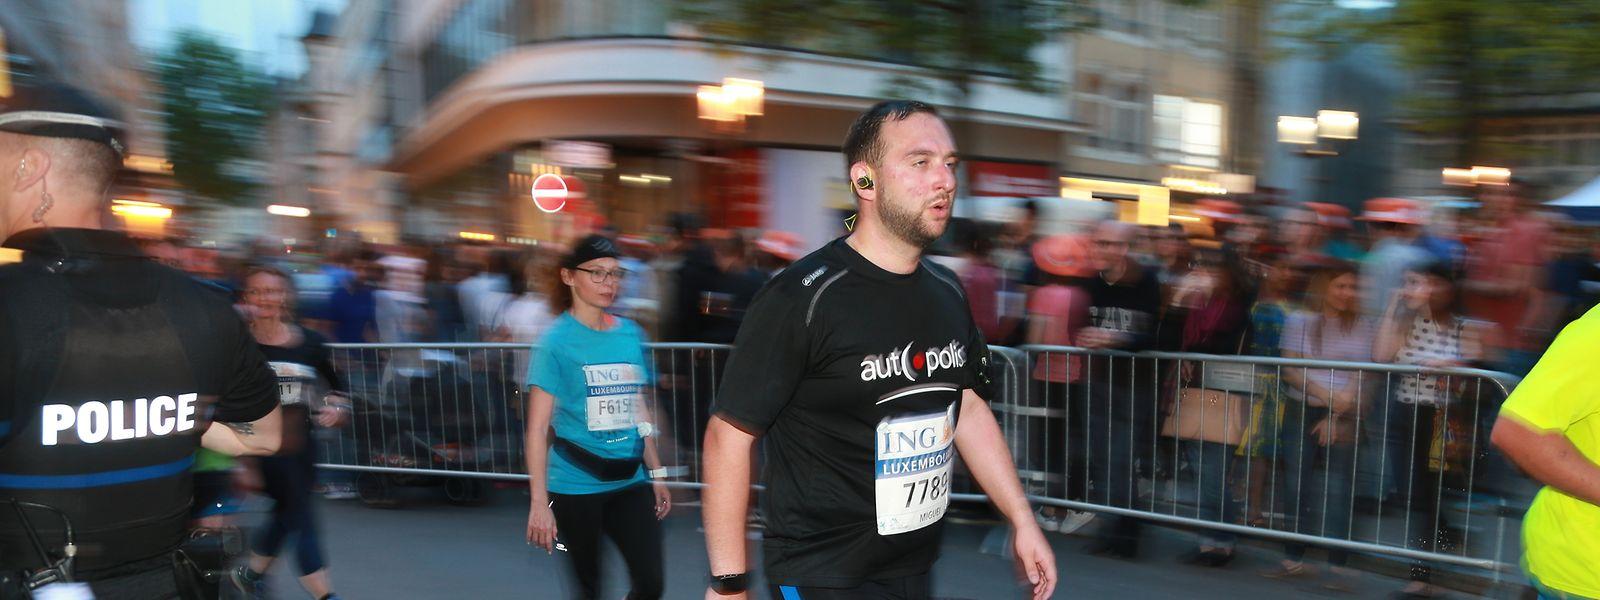 Beim ING-Marathon sind über 200 Polizisten in der Hauptstadt im Einsatz.